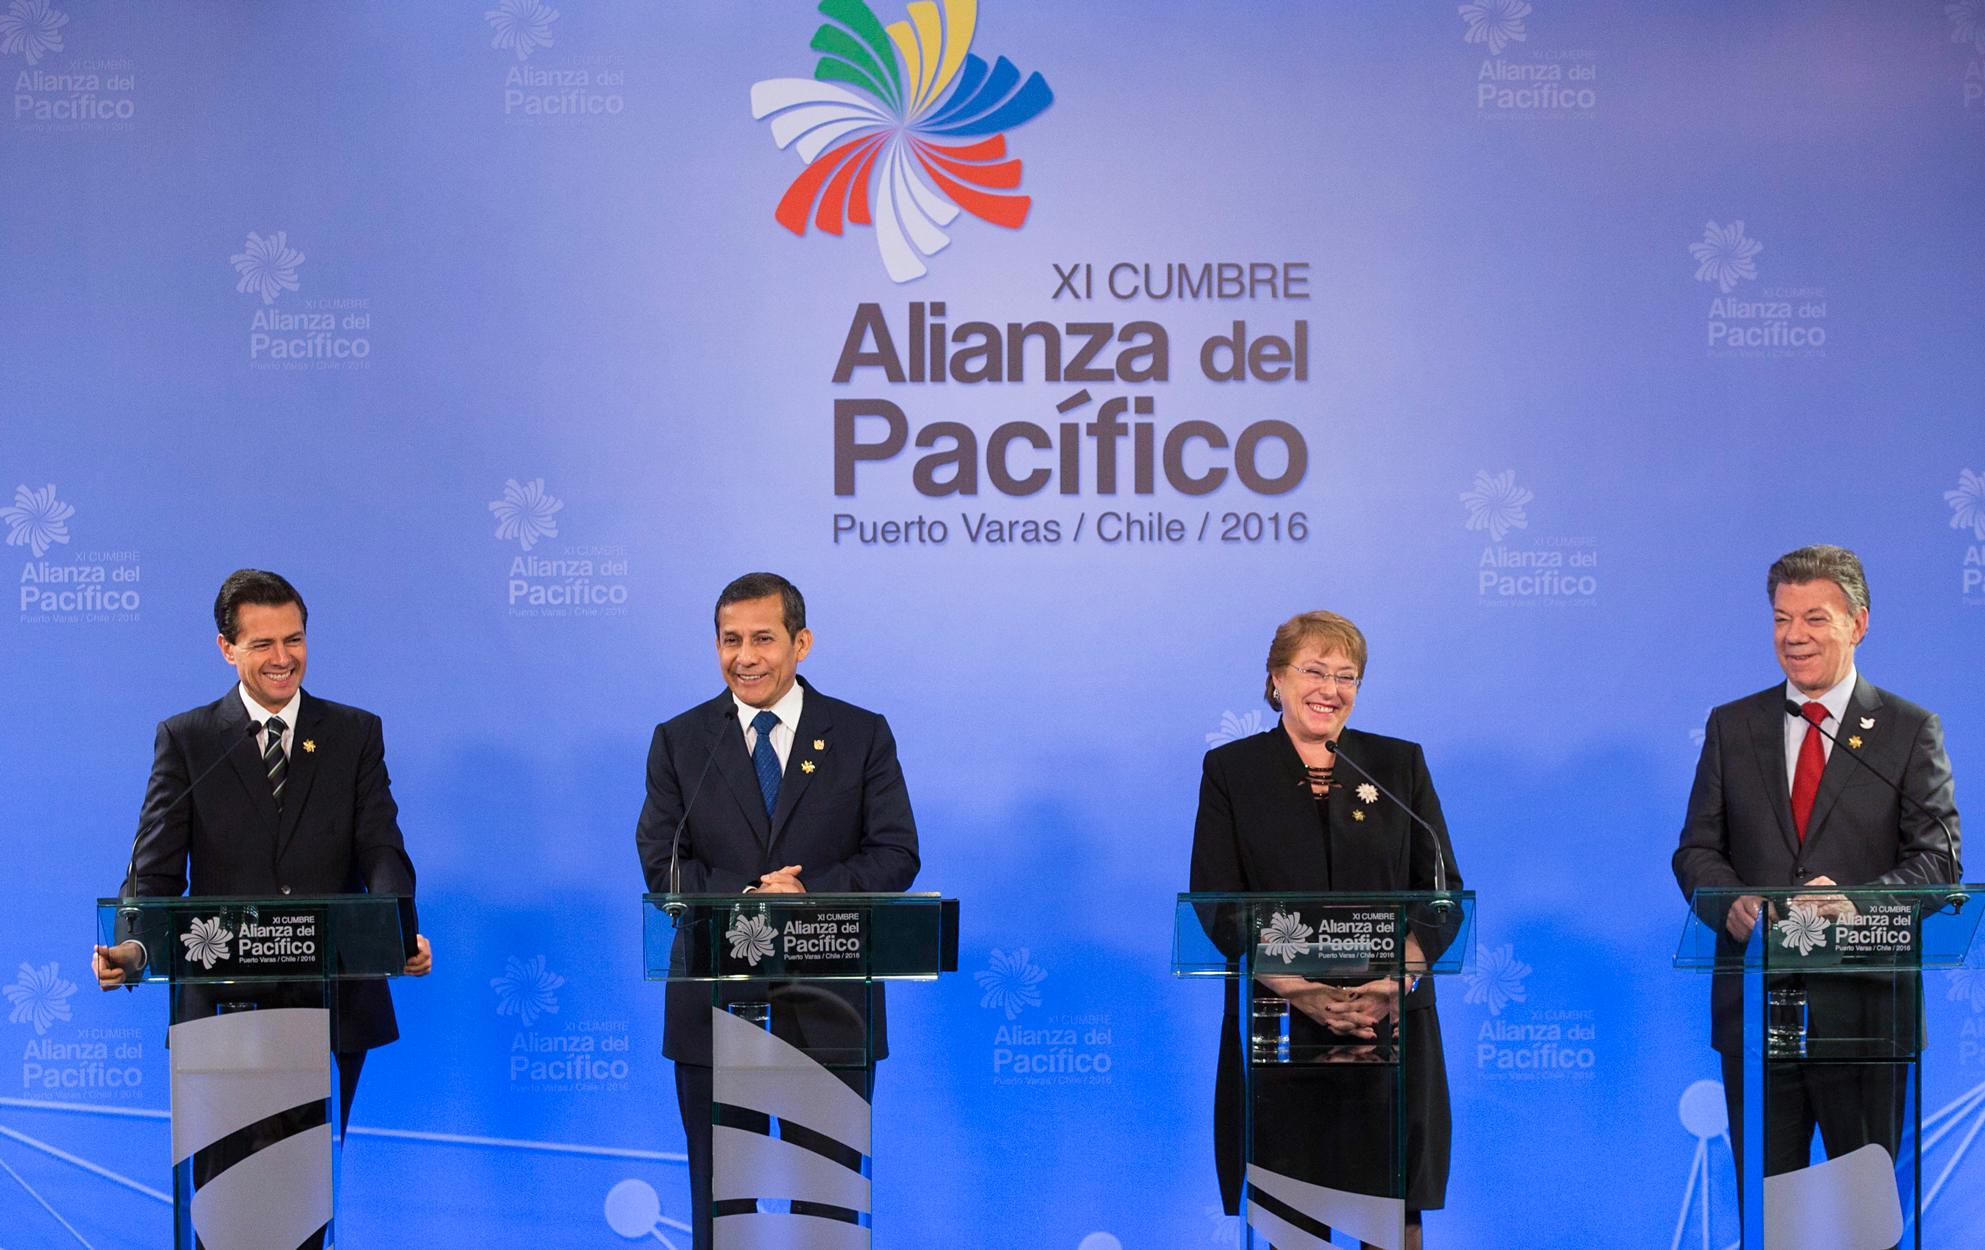 El Primer Mandatario finalizó sus actividades en la XI Cumbre de la Alianza del Pacífico con un mensaje a los medios de comunicación, en conjunto con los Presidentes de Chile, Colombia y Perú.